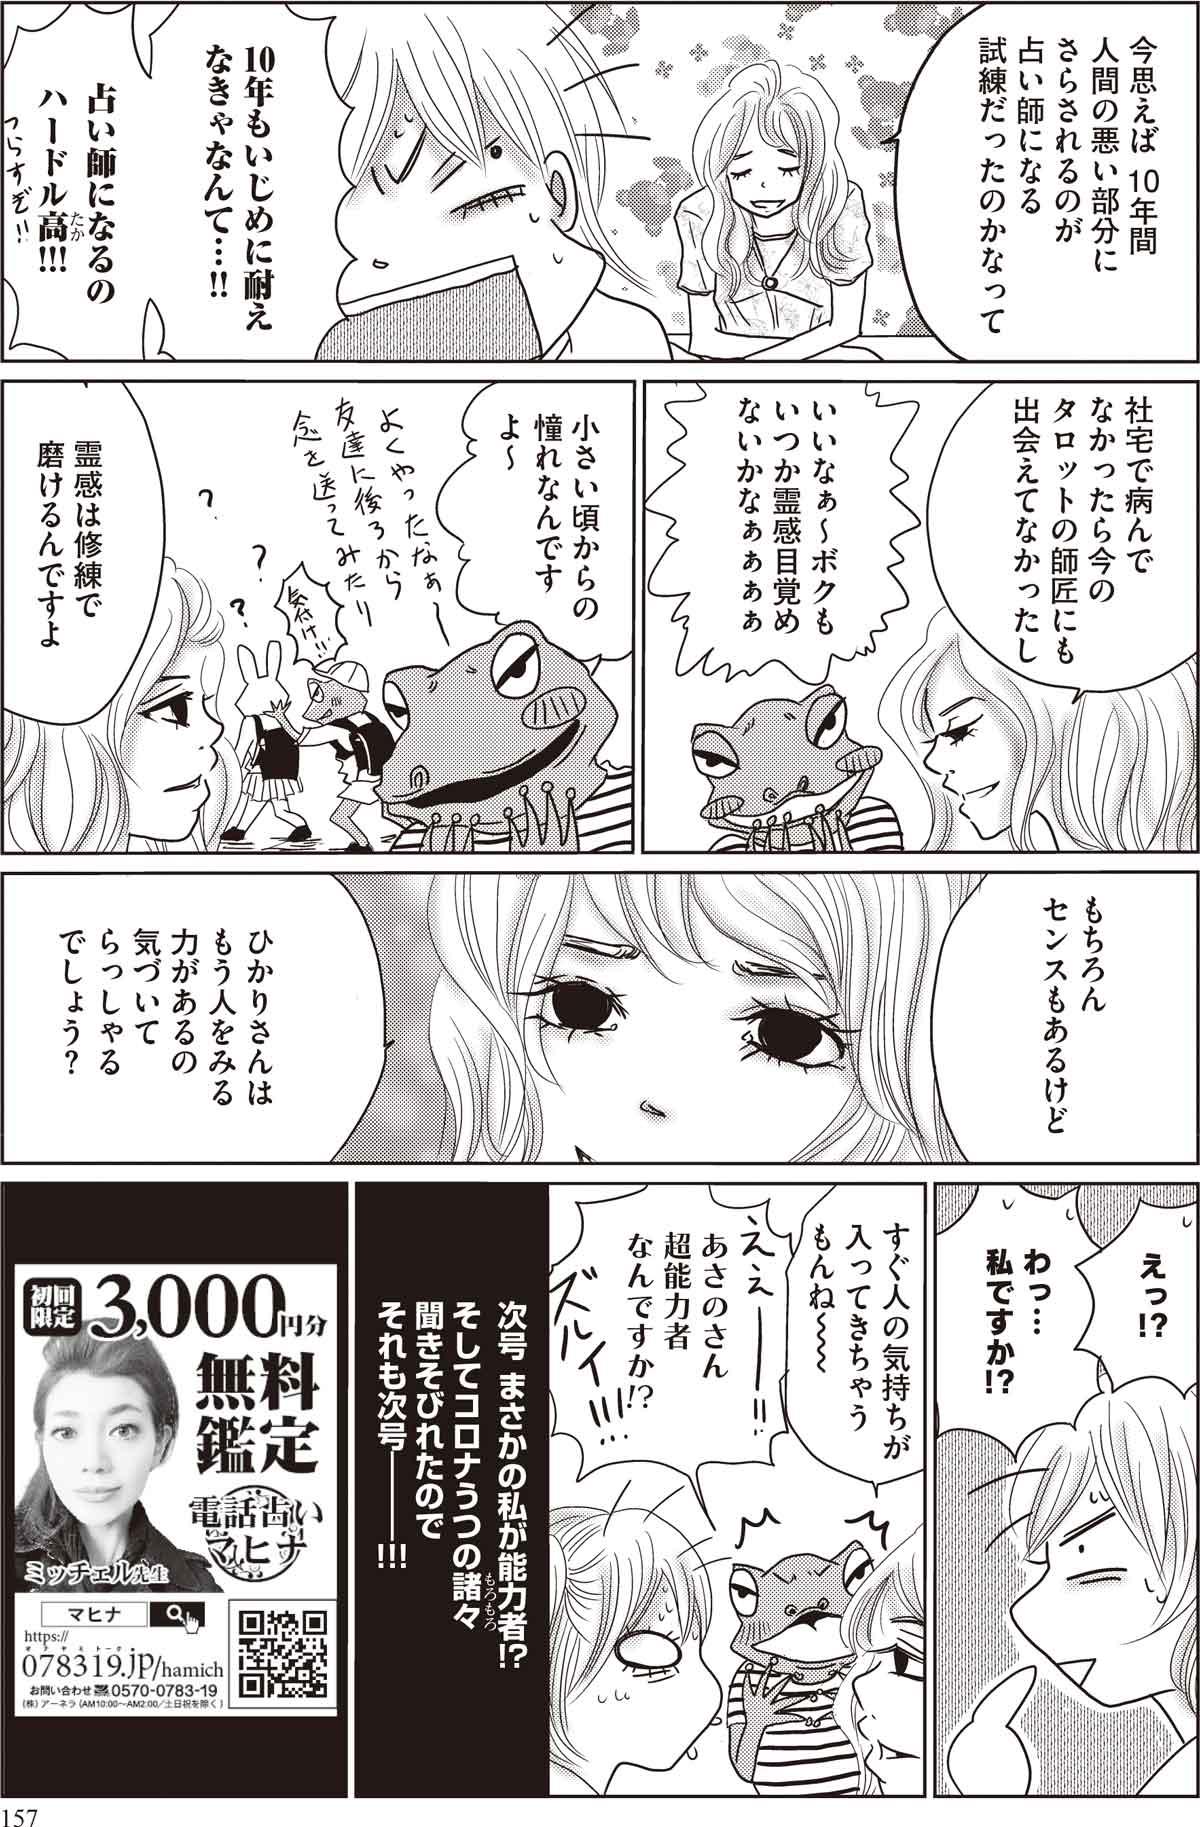 ミッチェル先生漫画4